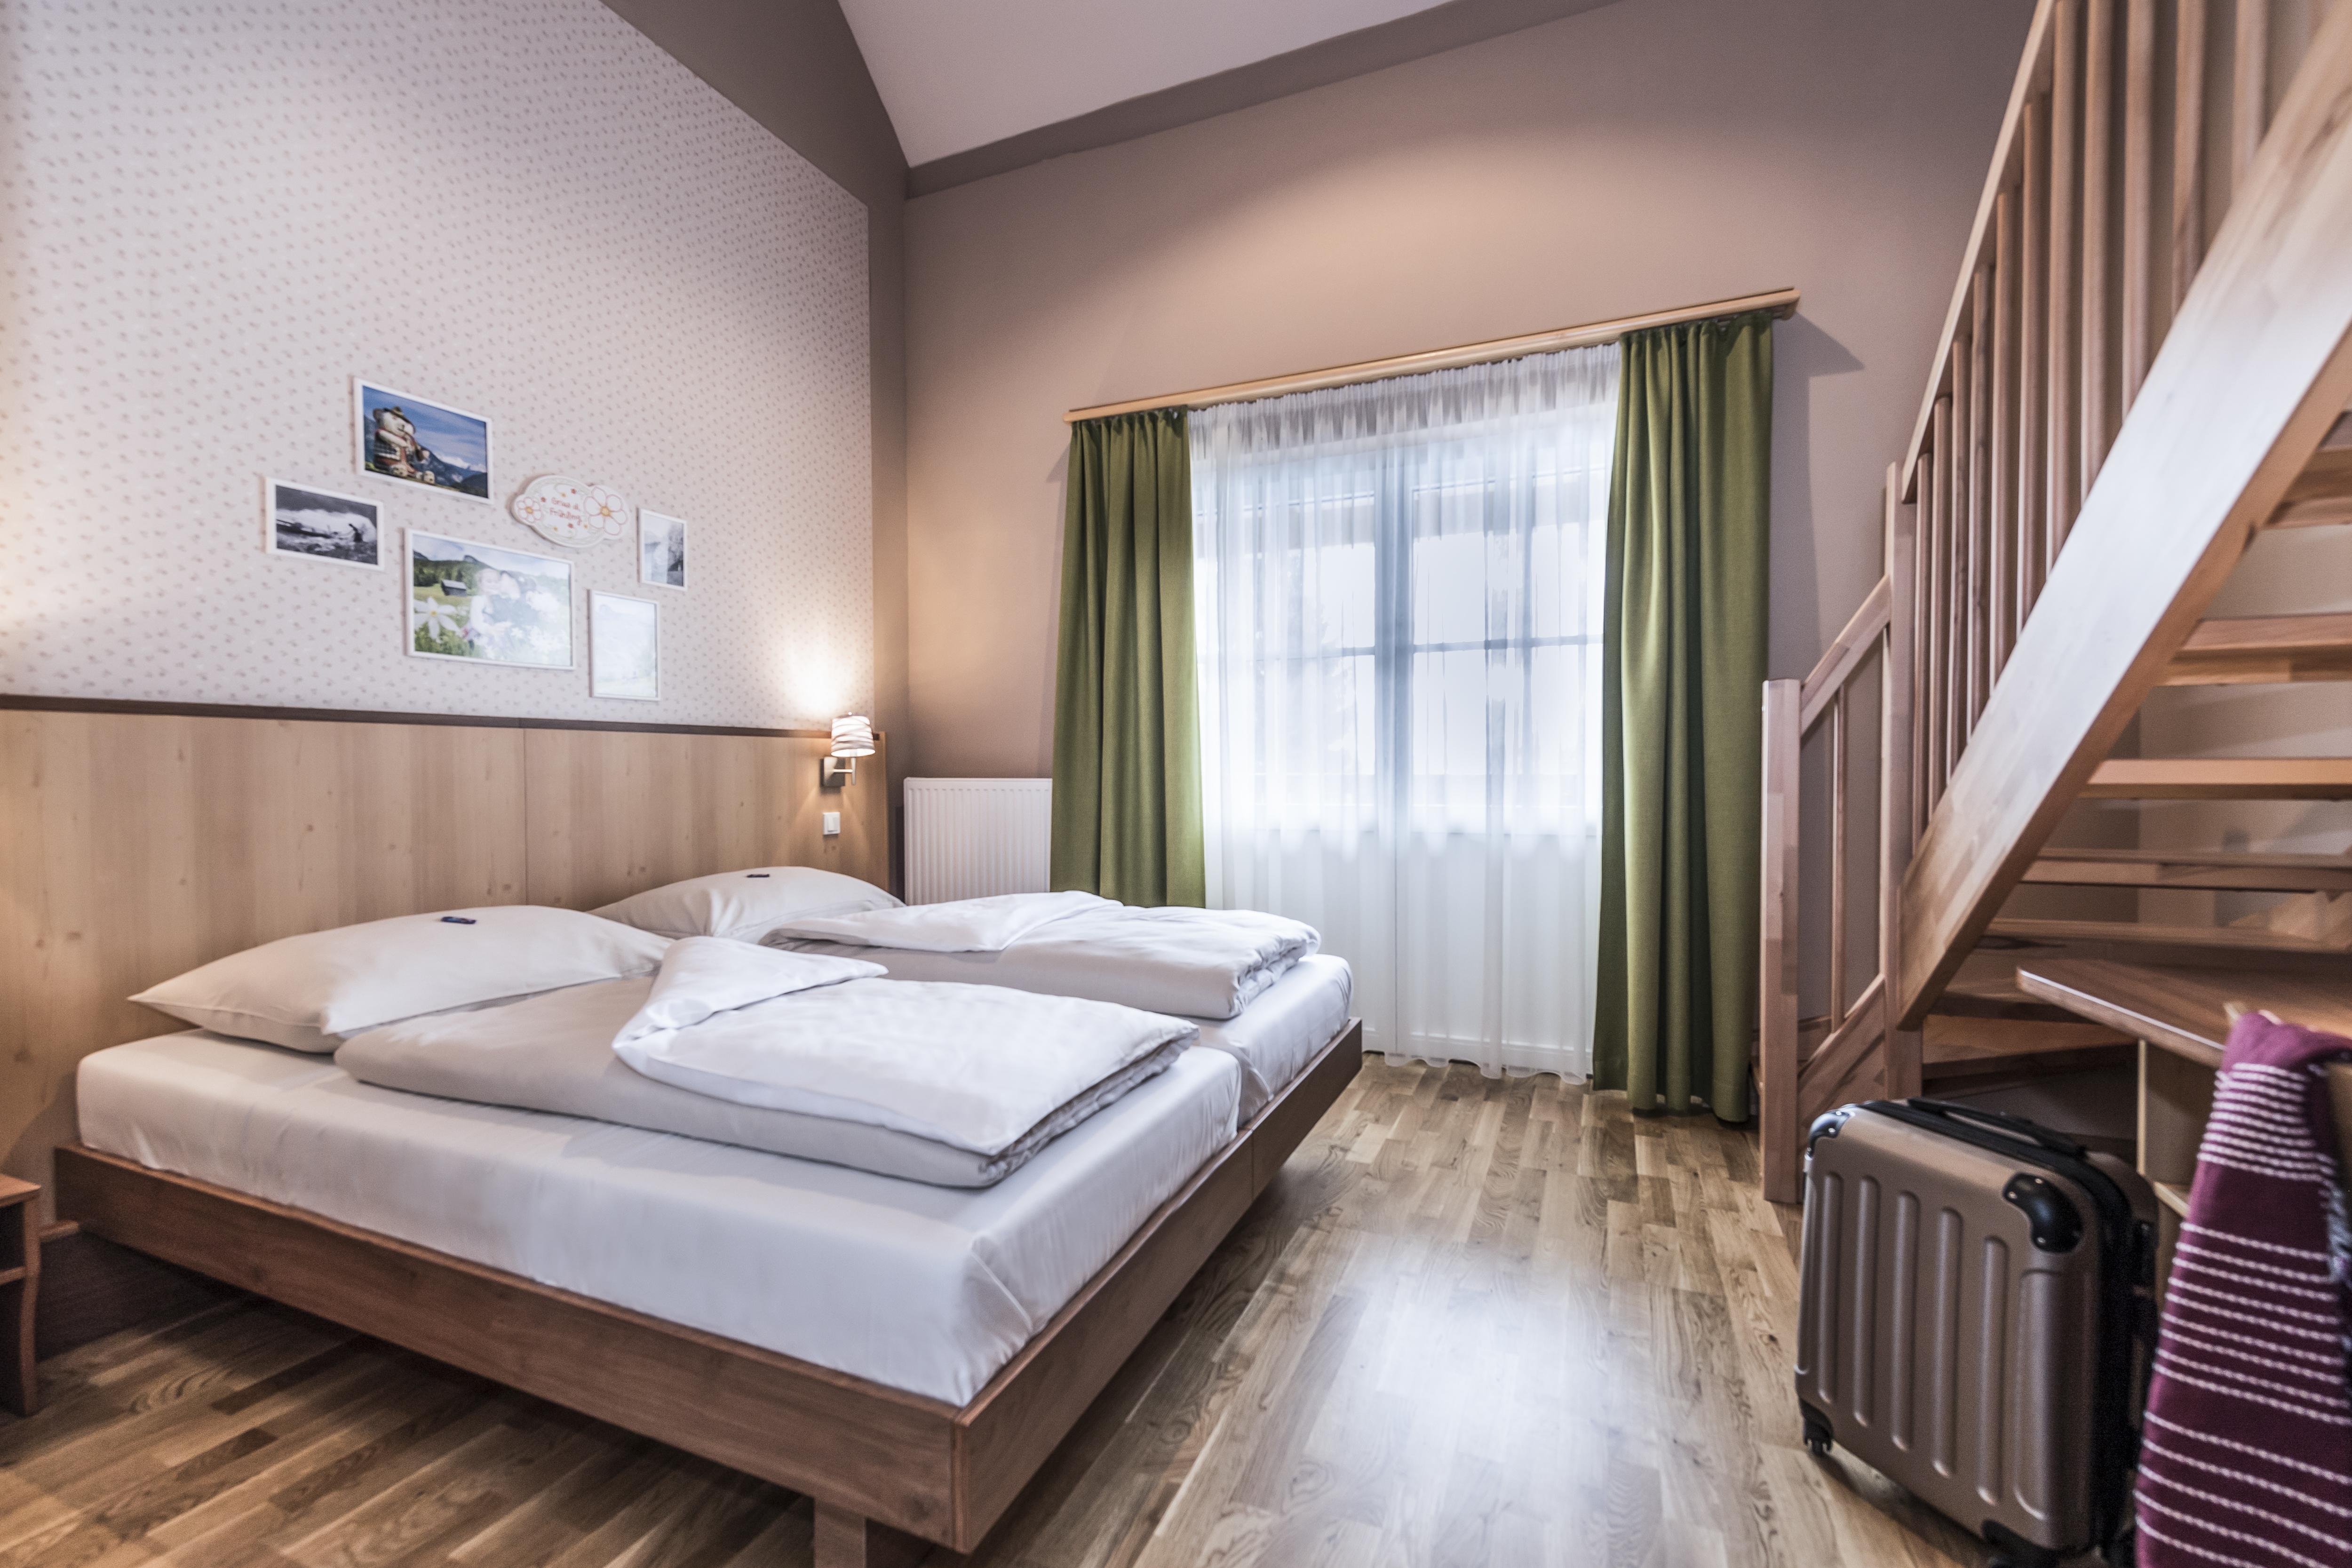 Sie sehen ein Doppelbett in einem Galeriezimmer Plus im JUFA Hotel Grundlsee*** mit einem Koffer. JUFA Hotels bietet erholsamen Familienurlaub und einen unvergesslichen Winter- und Wanderurlaub.